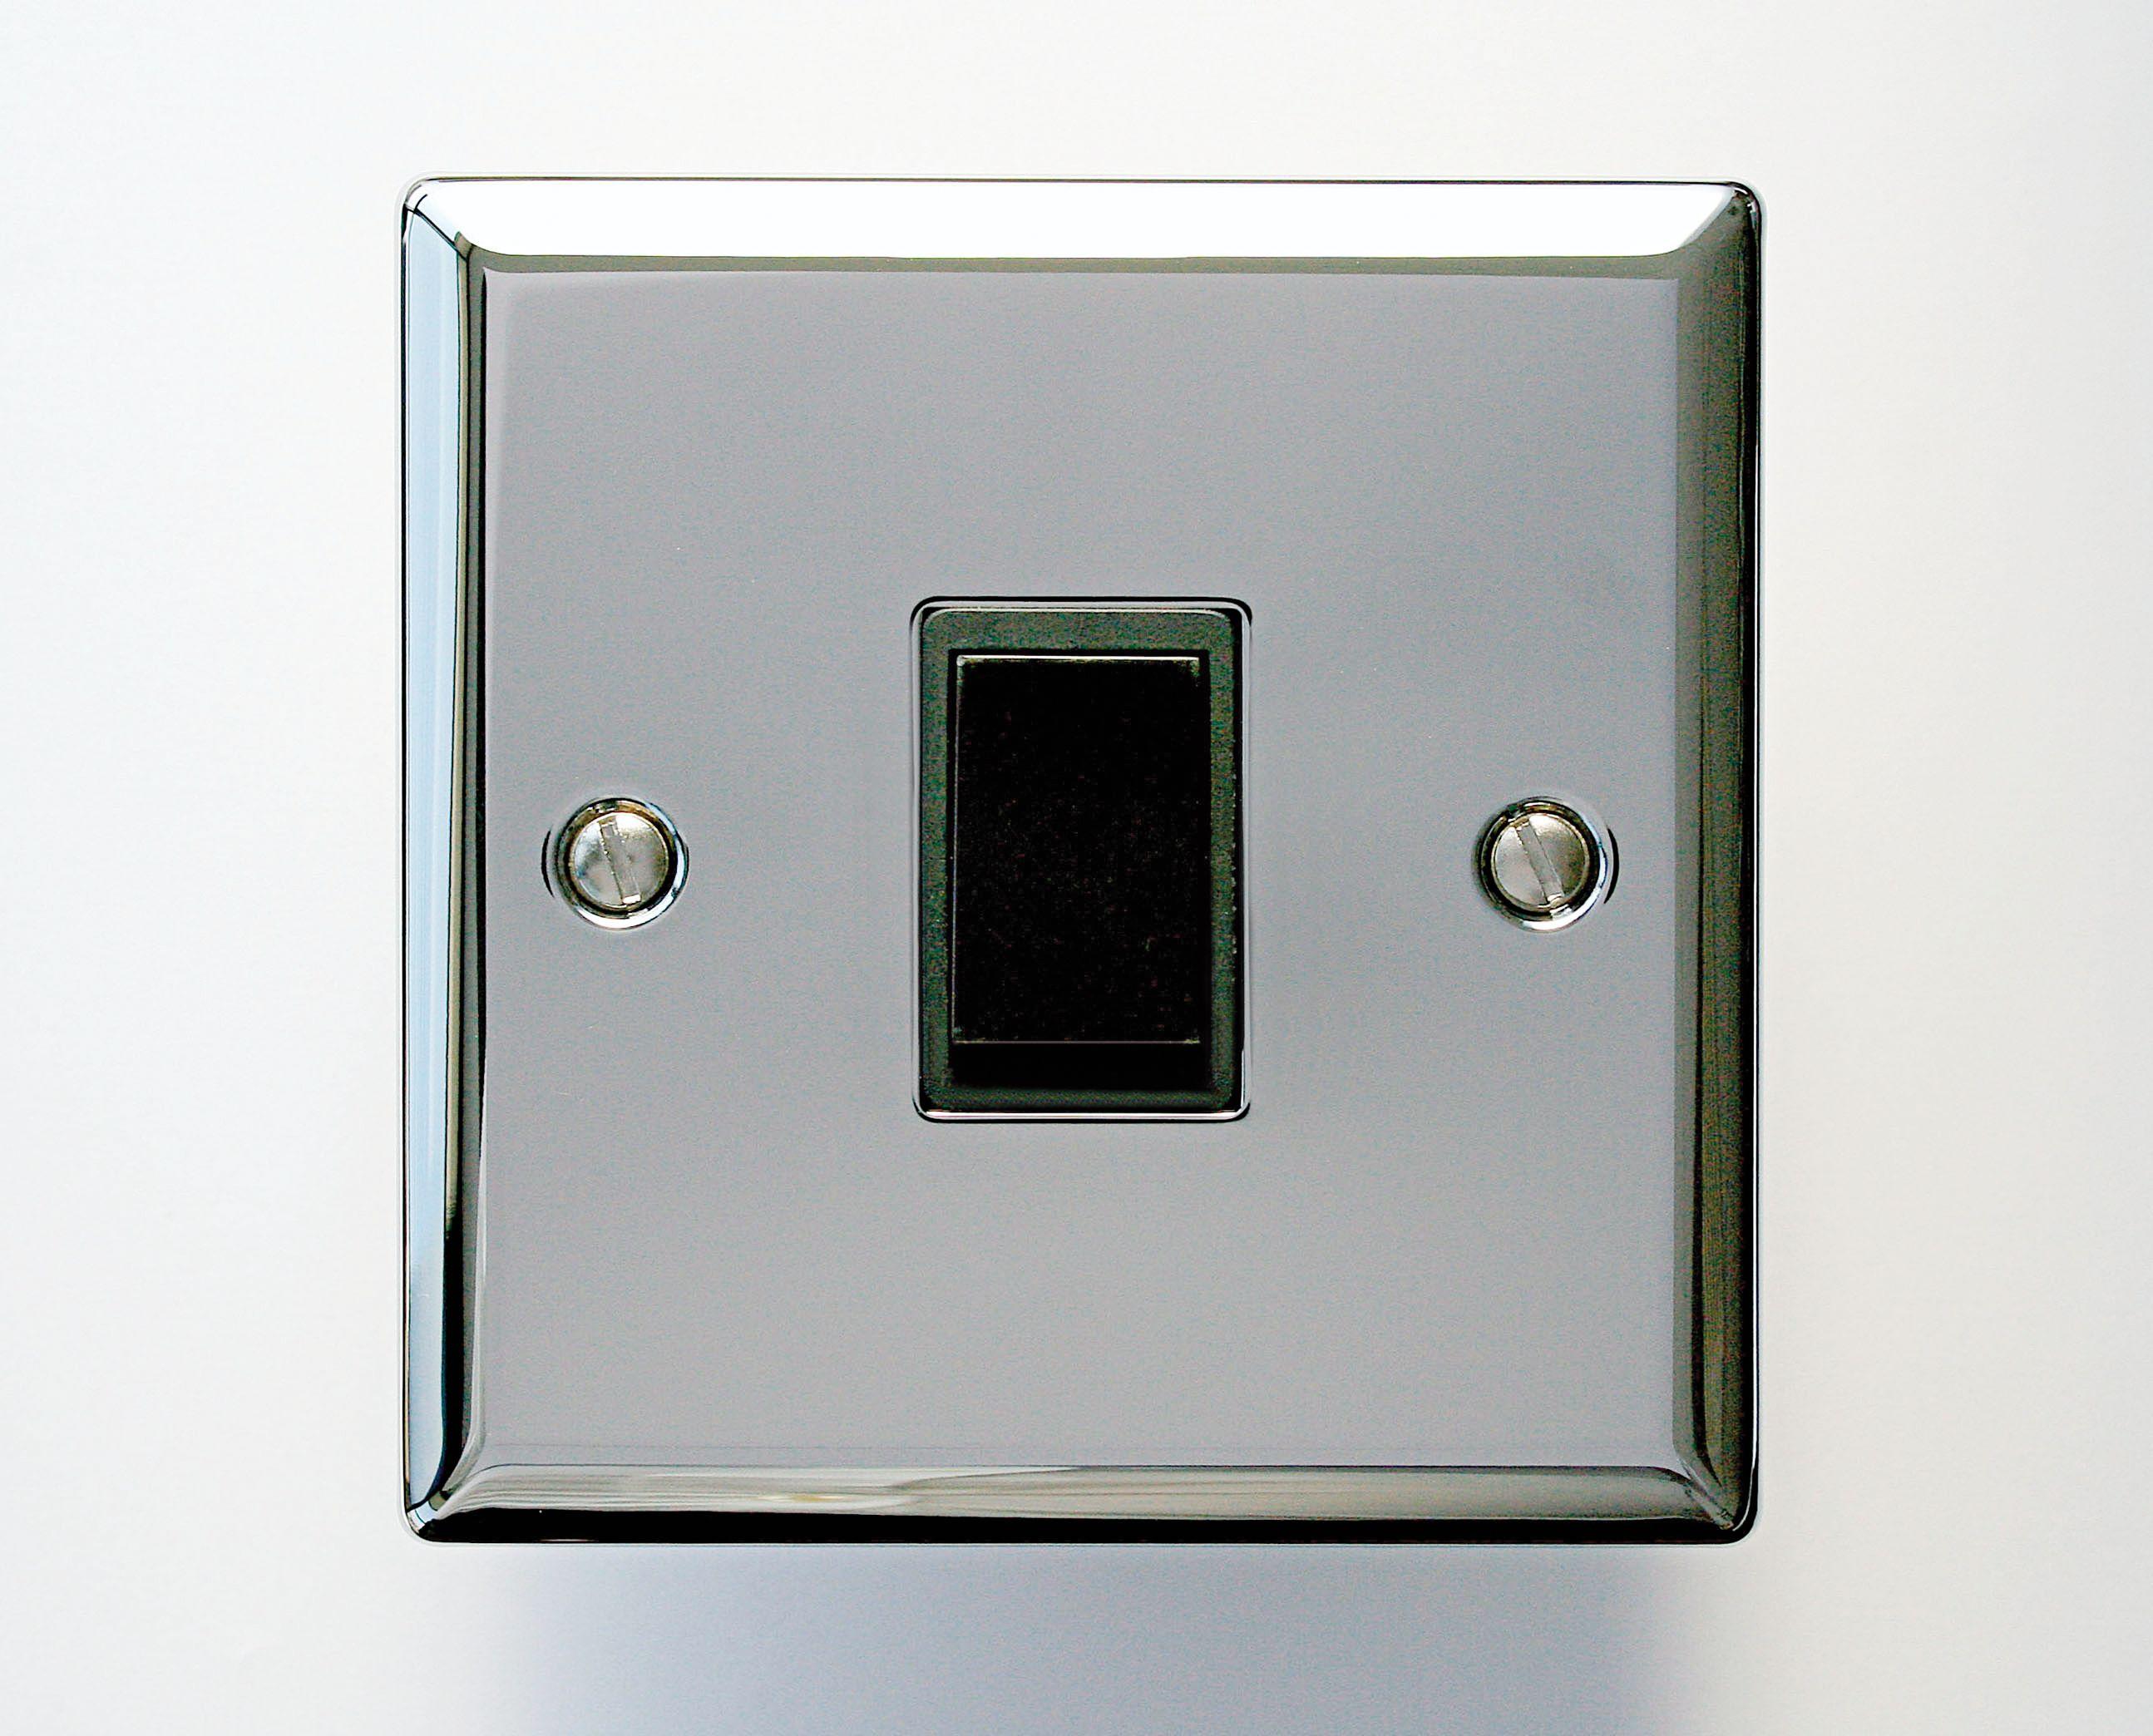 Volex Light Switch Wiring - ~ Wiring Diagram Portal ~ •